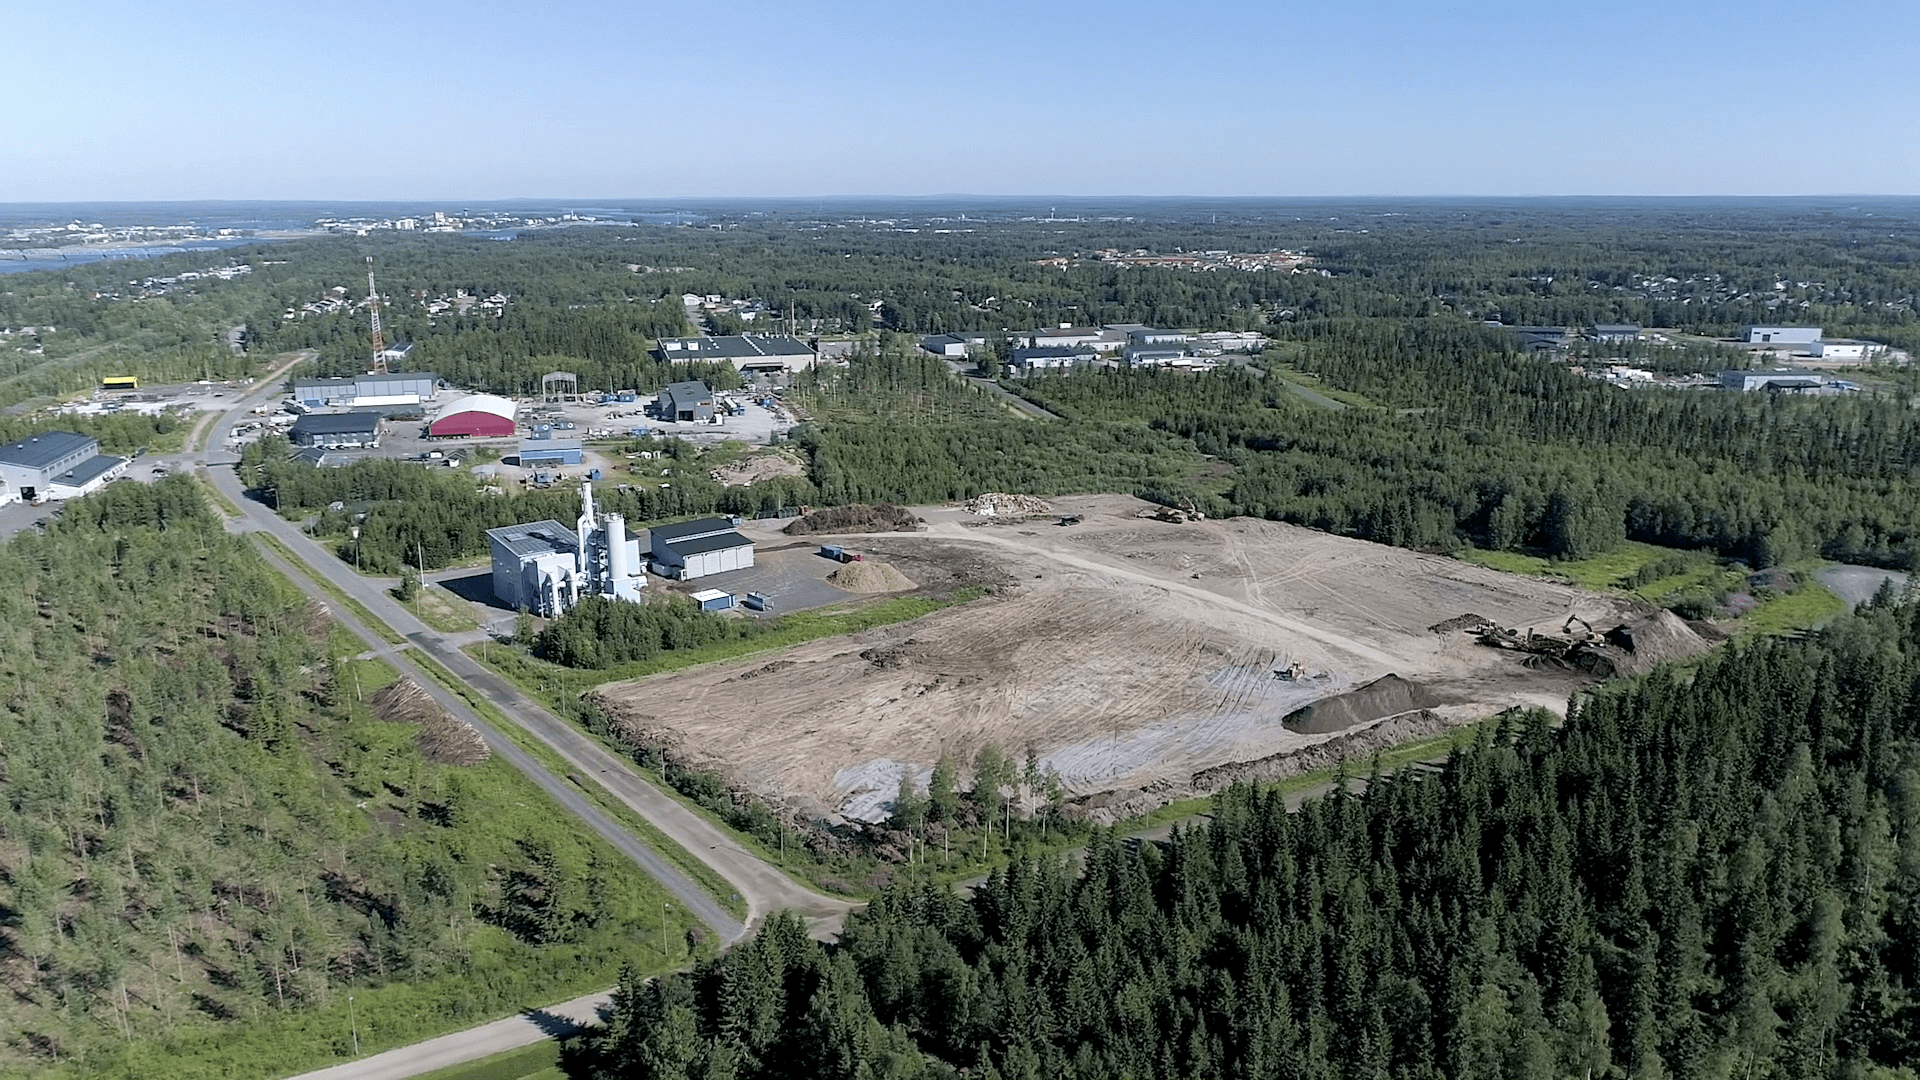 vlcsnap-2018-08-23-13h11m32s275